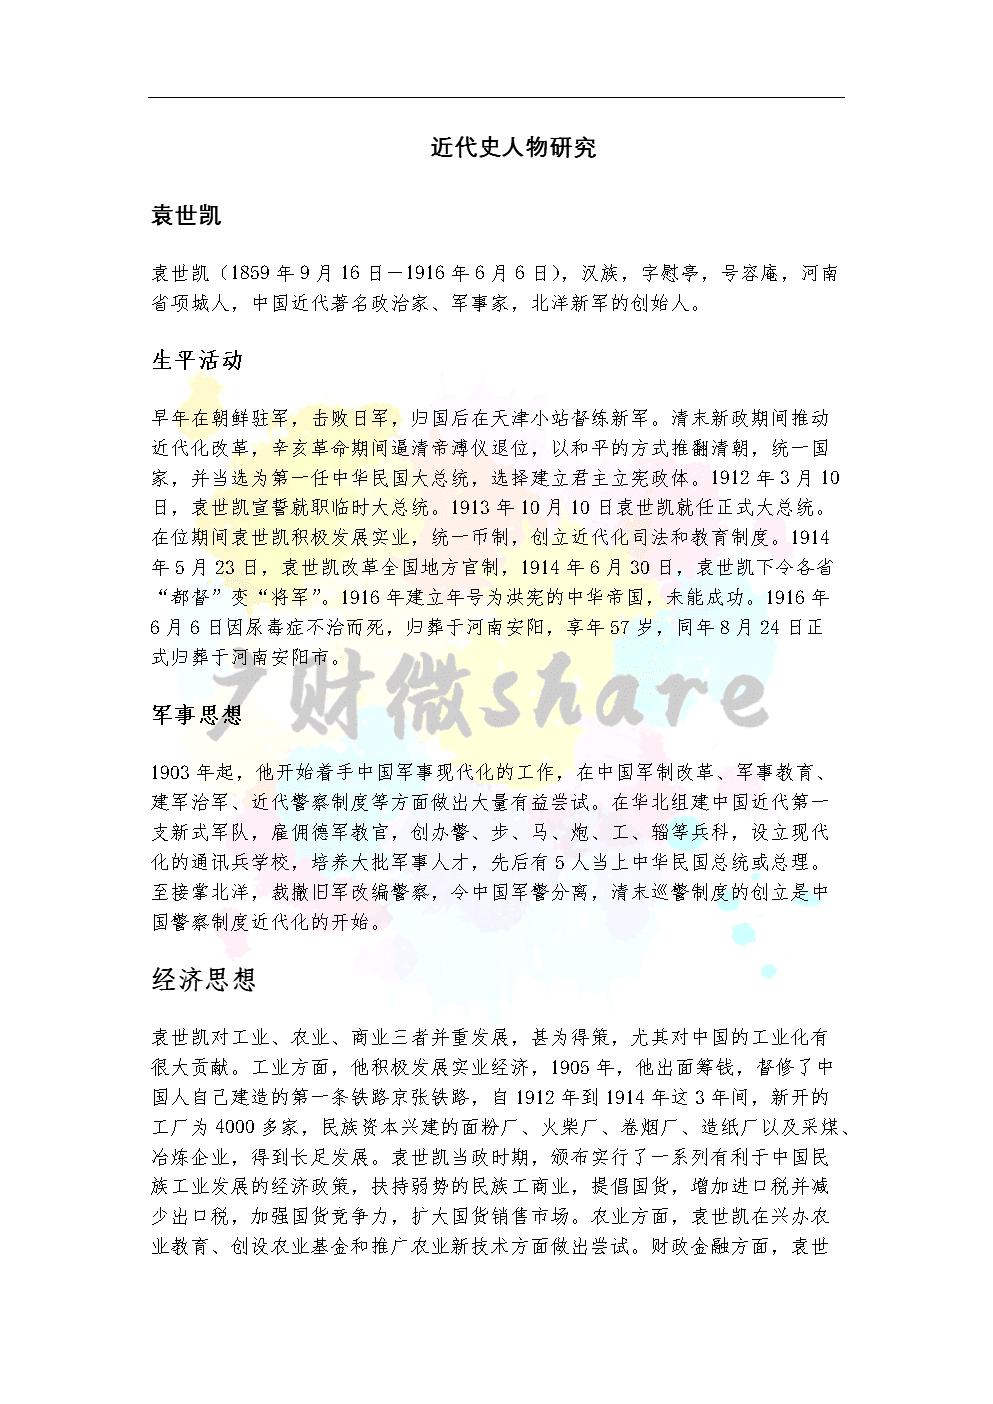 近代史人物研究考试.docx